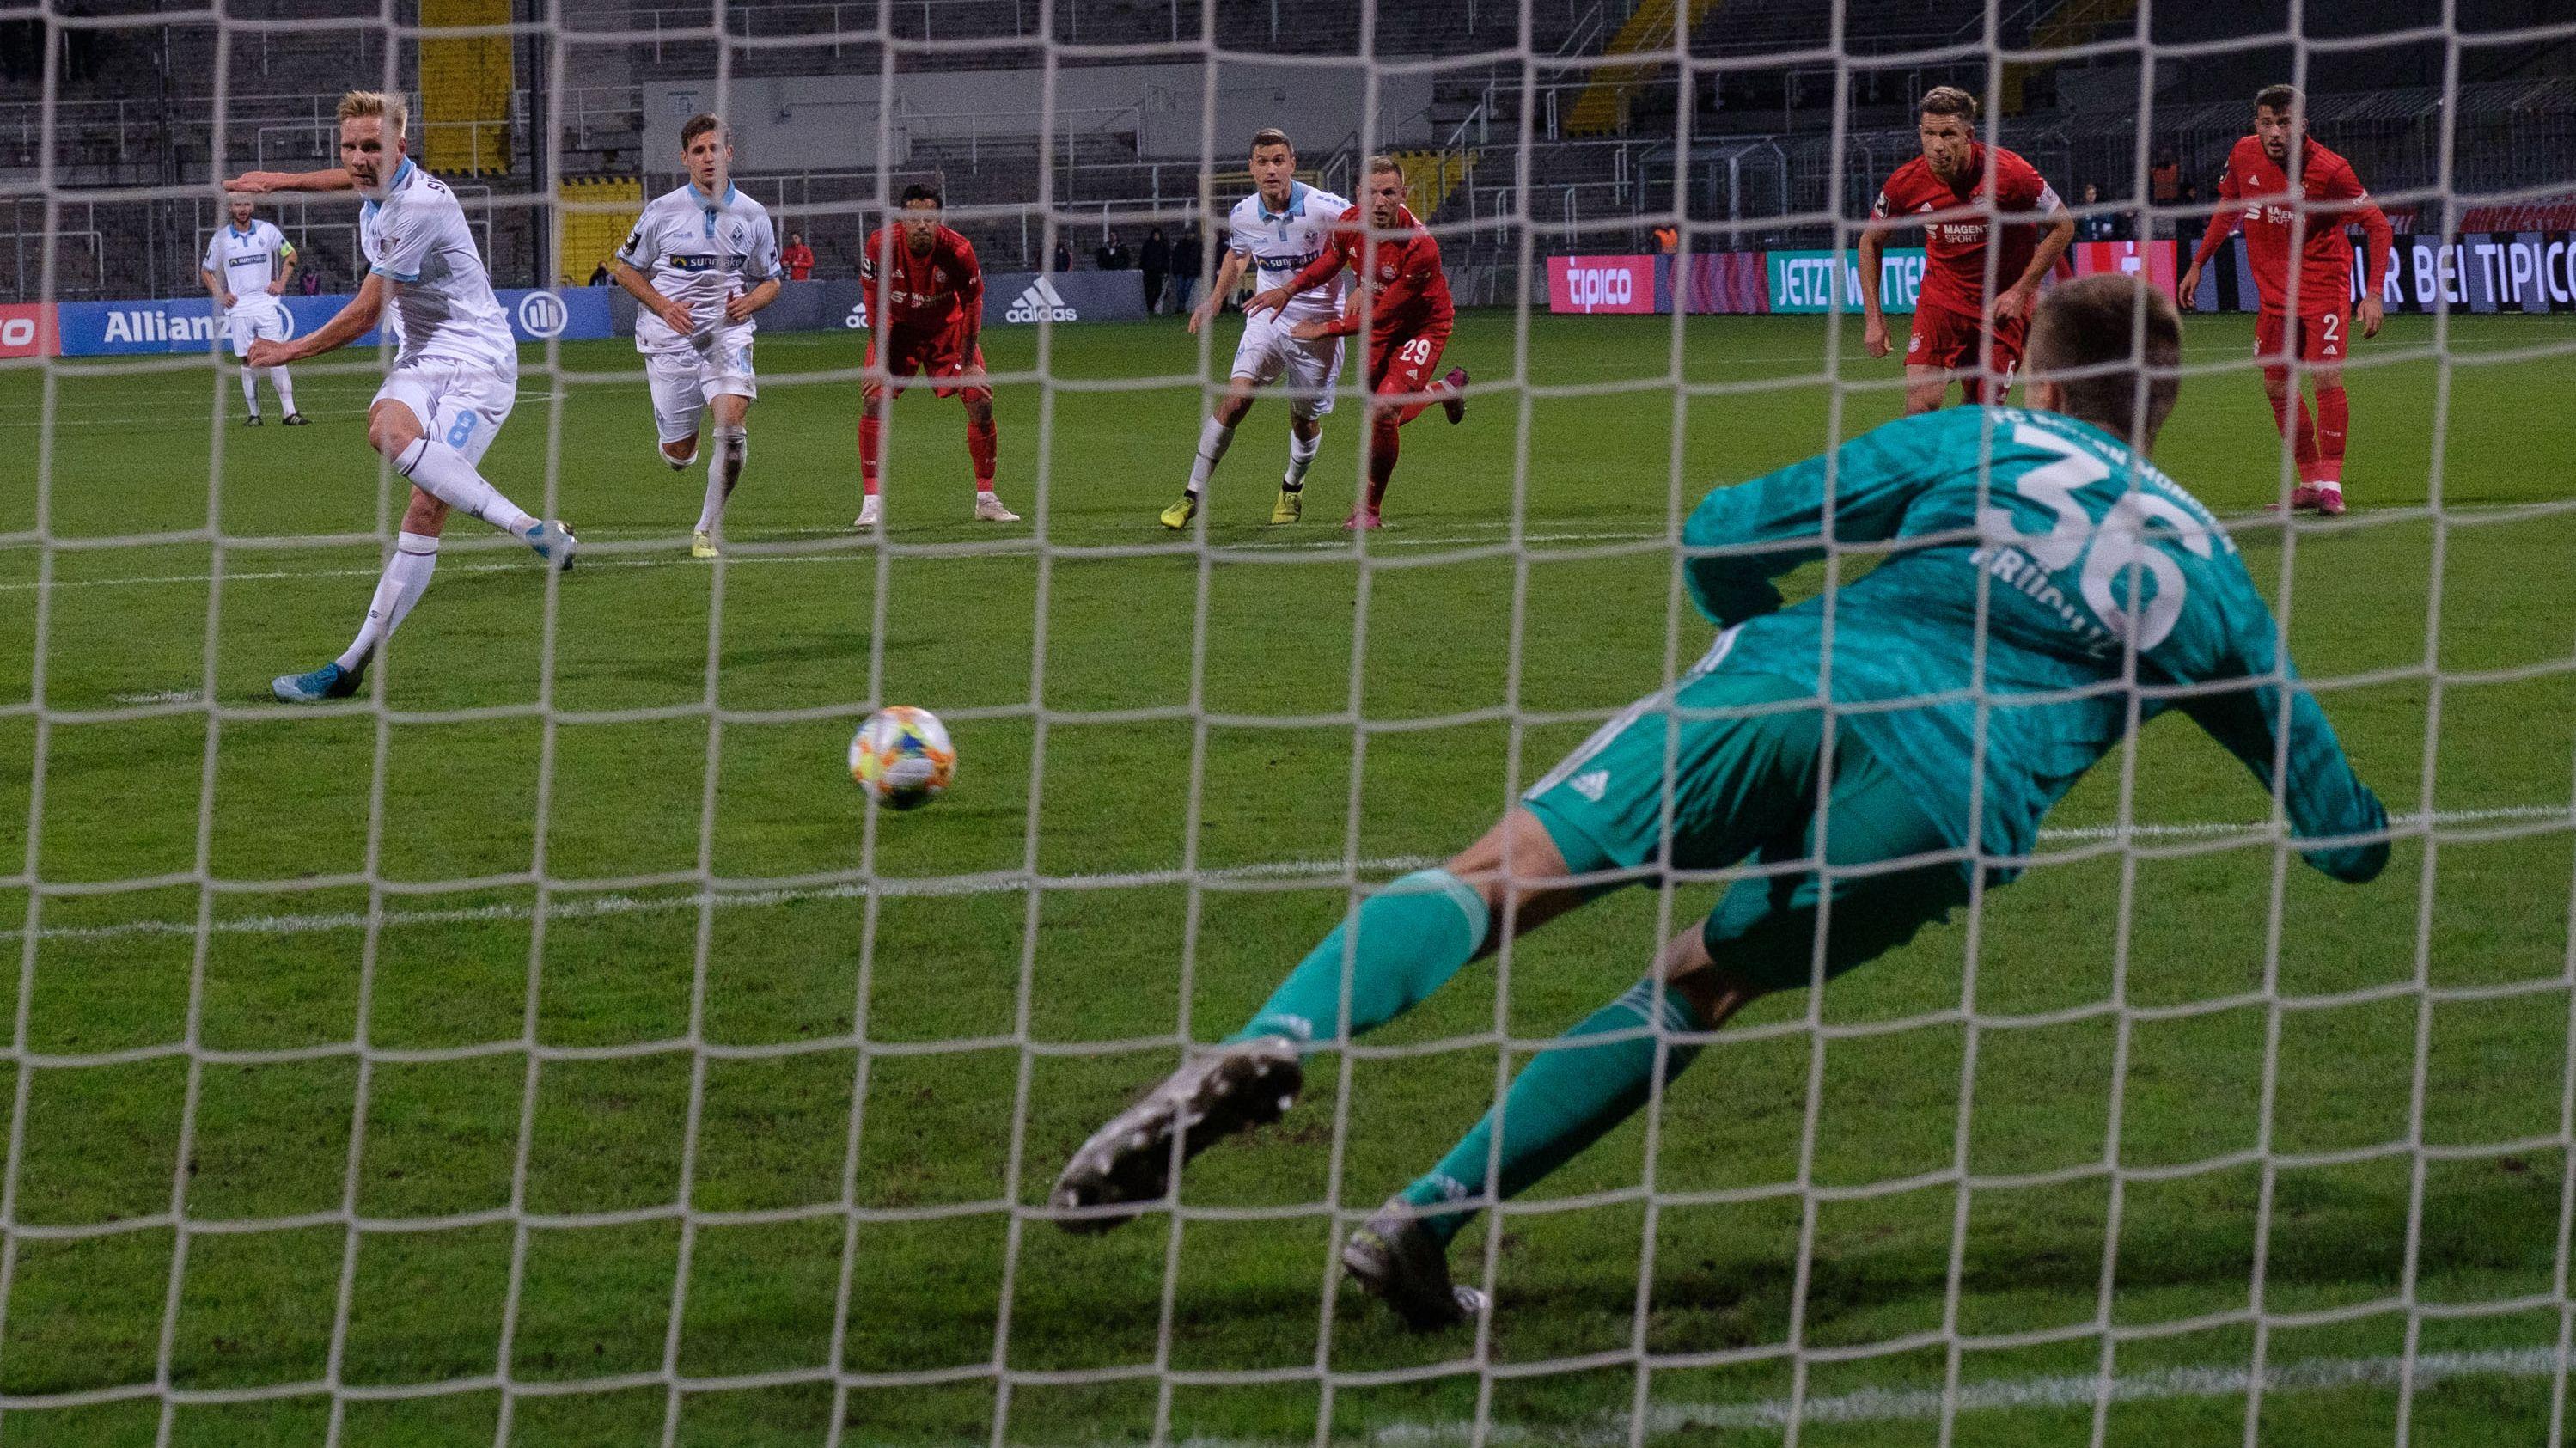 Spielszene FC Bayern München II - Waldhof Mannheim